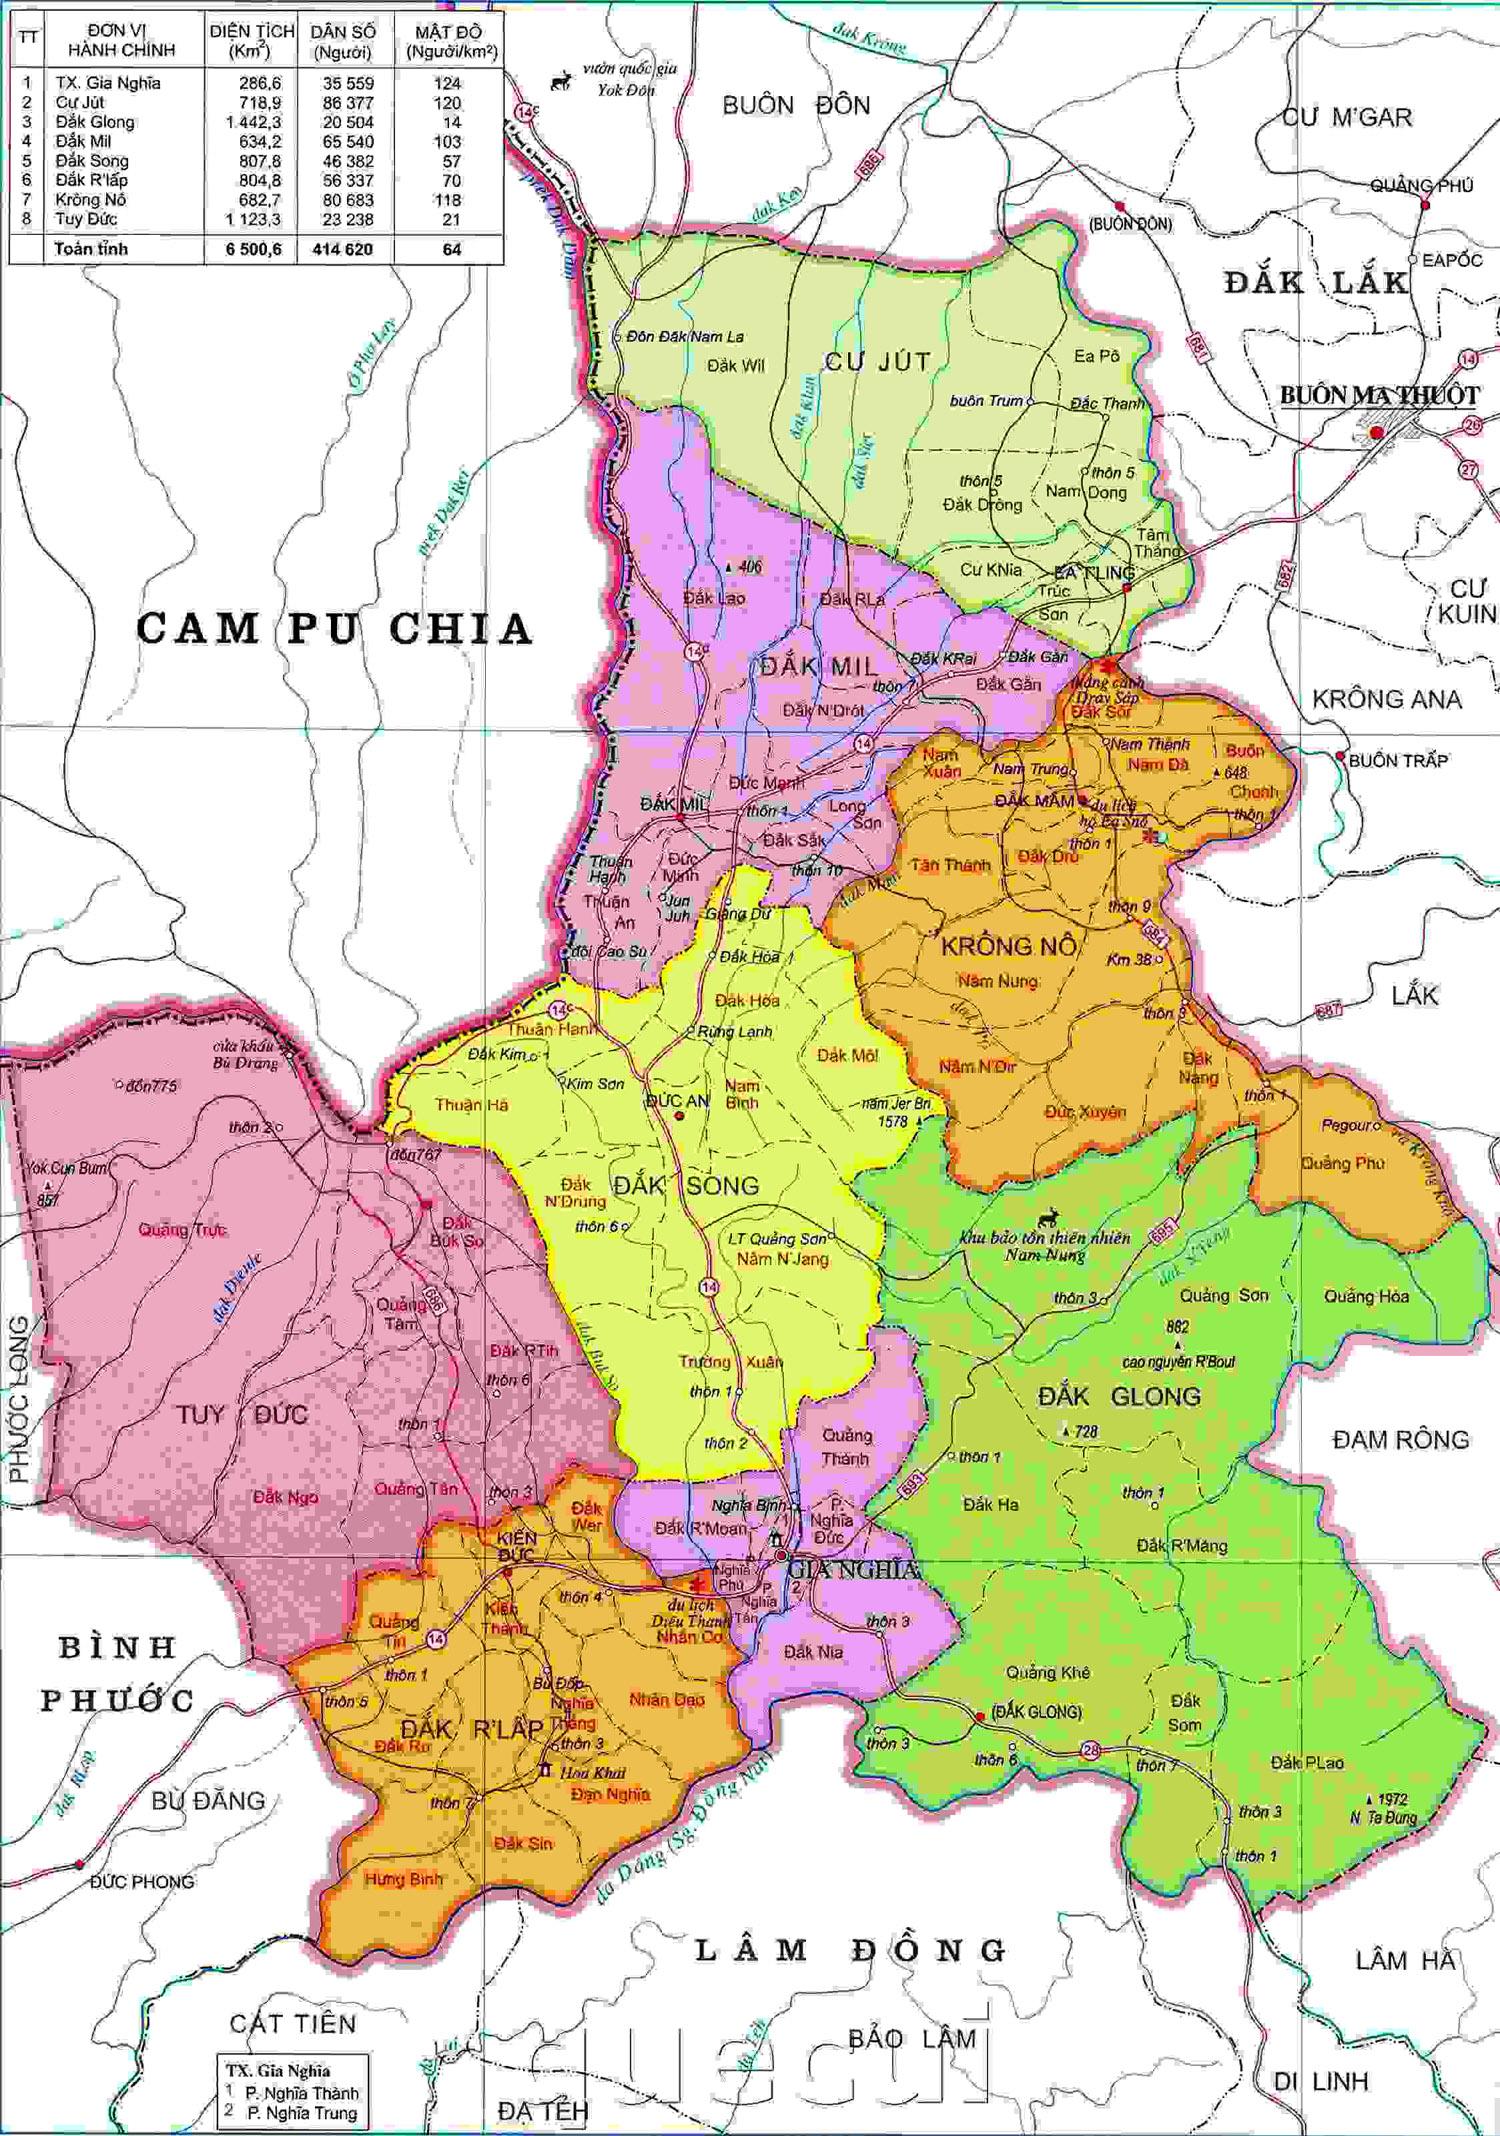 Bảng giá nhà đất Đắk Nông từ năm 2015 đến 2020